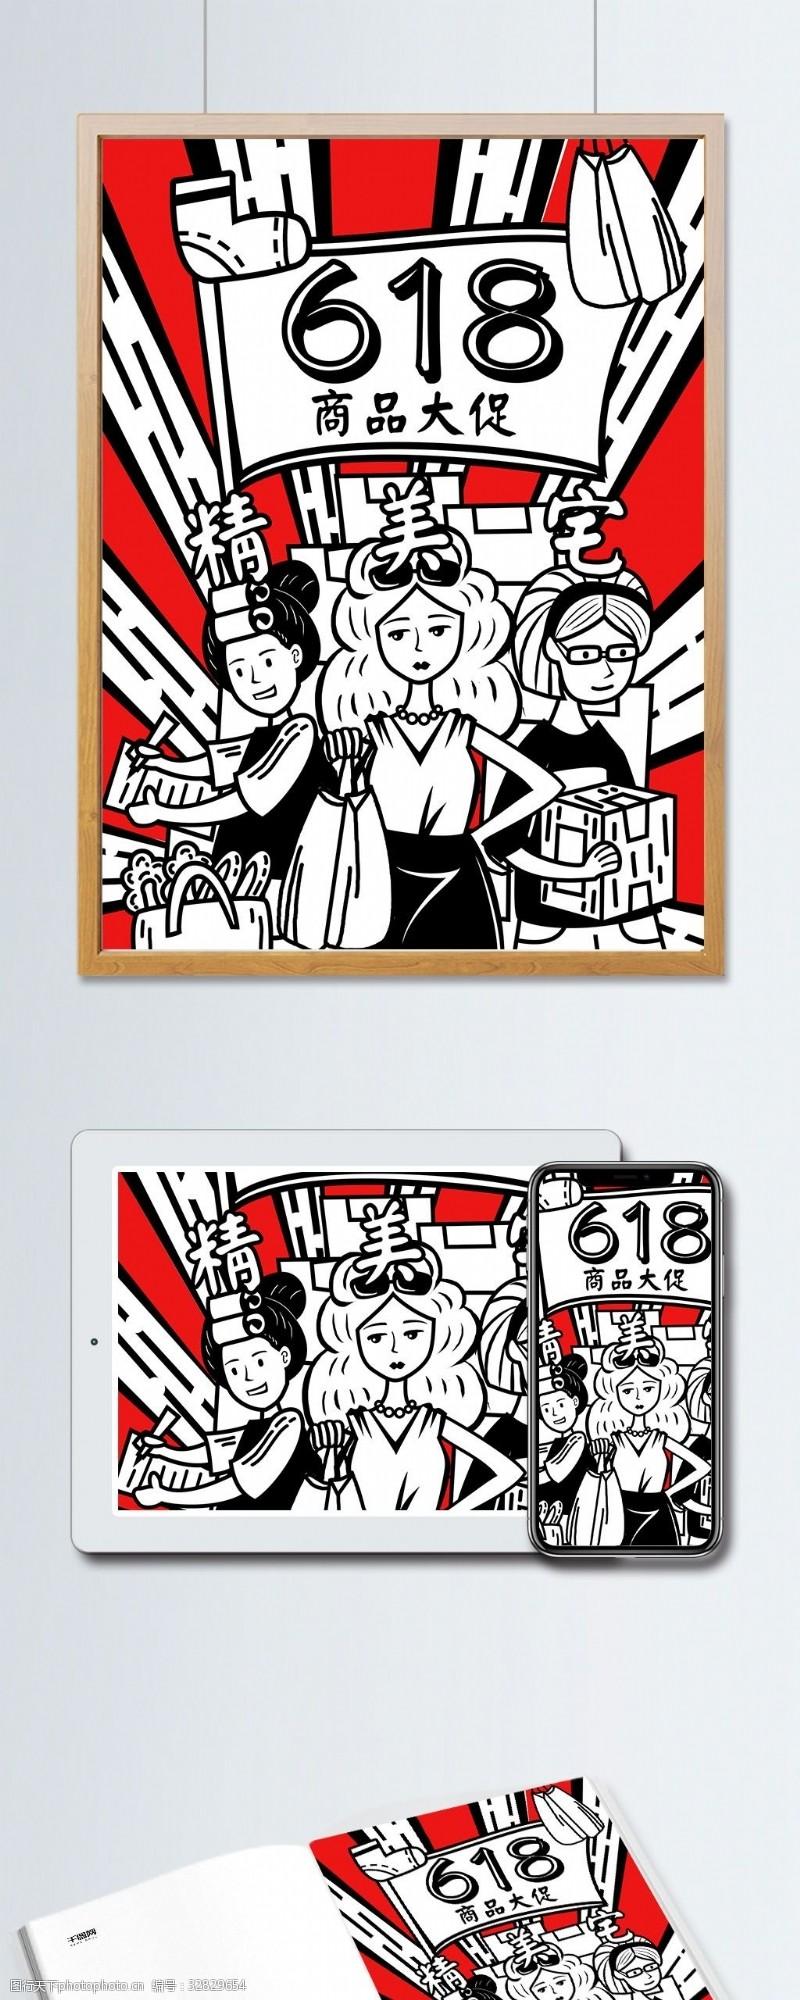 黑白红创意618商品节日文革风剪影女生人物插画